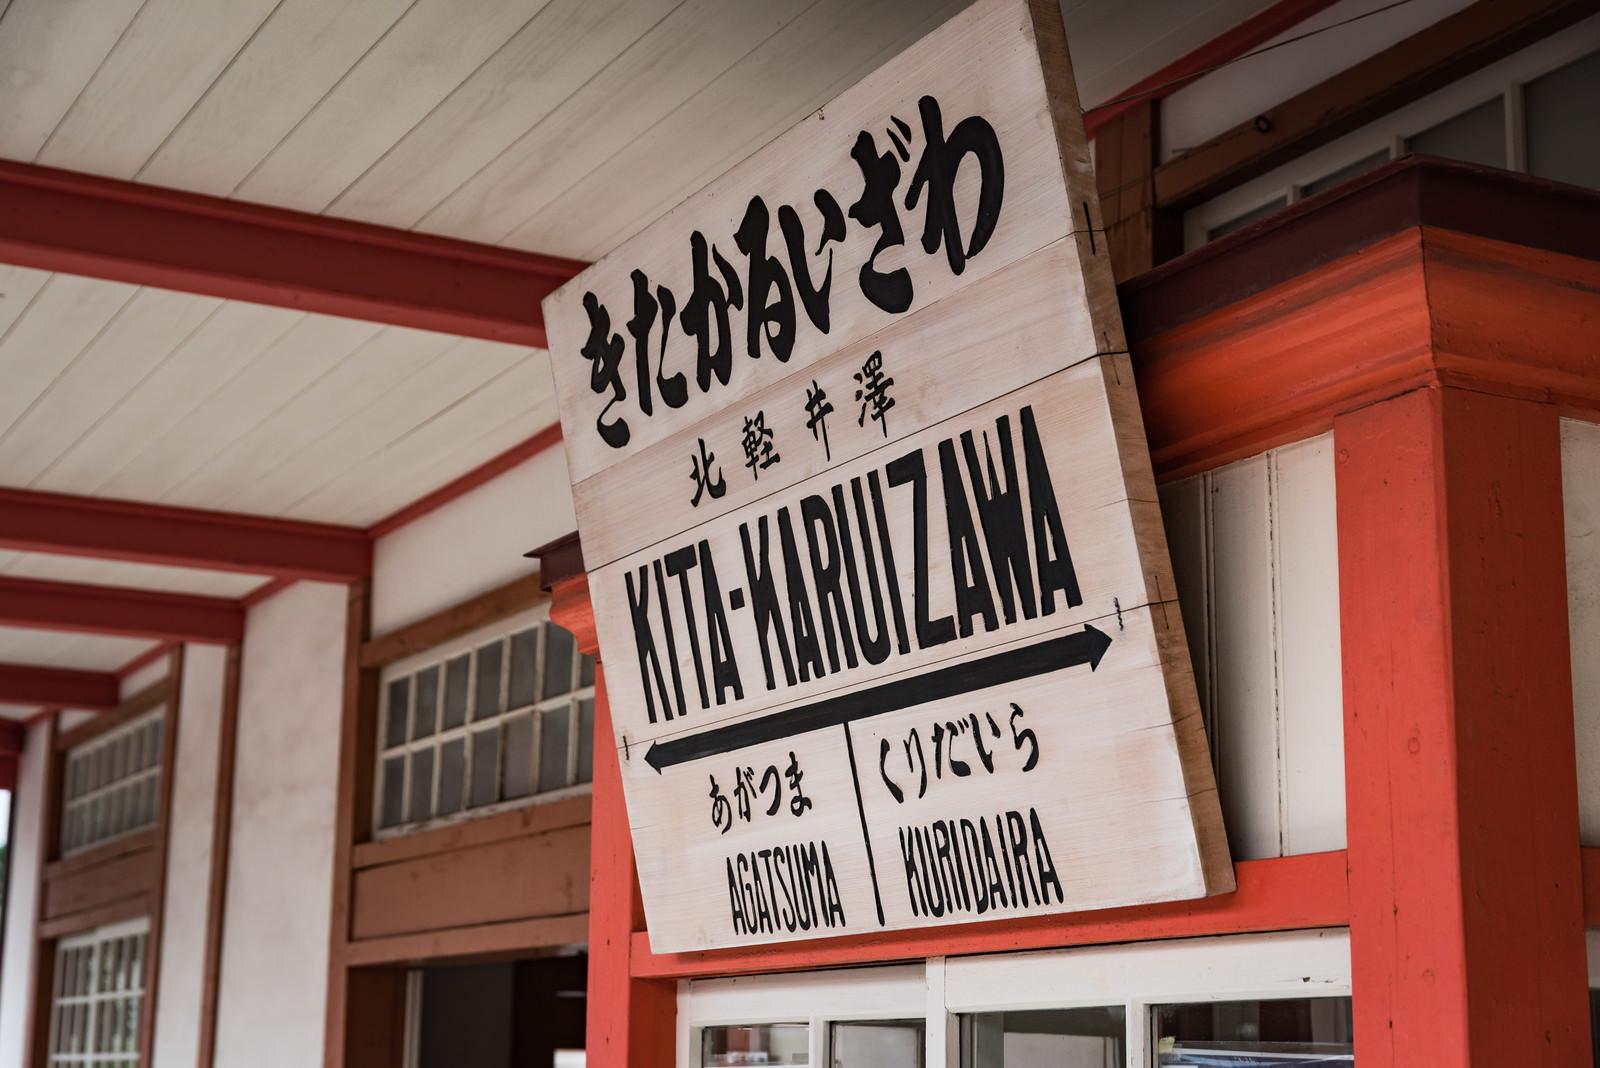 「北軽井沢(きたかるいざわ)の駅舎」の写真